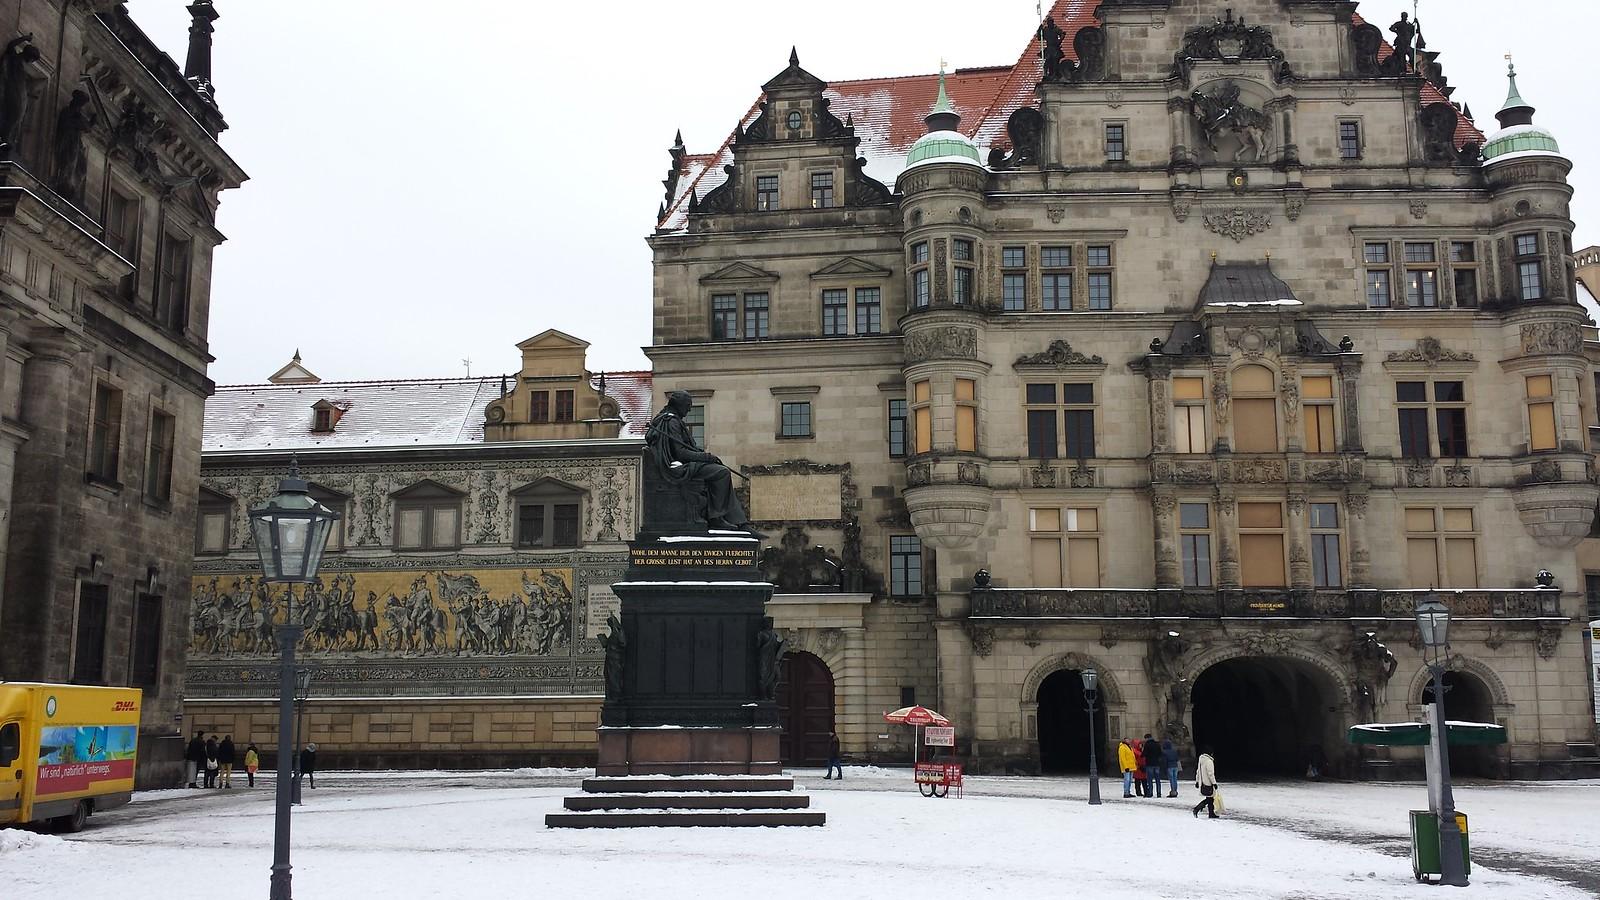 Denkmal für Friedrich August den Gerechten von Ernst Rietschel auf dem Schloßplatz in Dresden. Der Sockel stammt von Gottfried Semper.